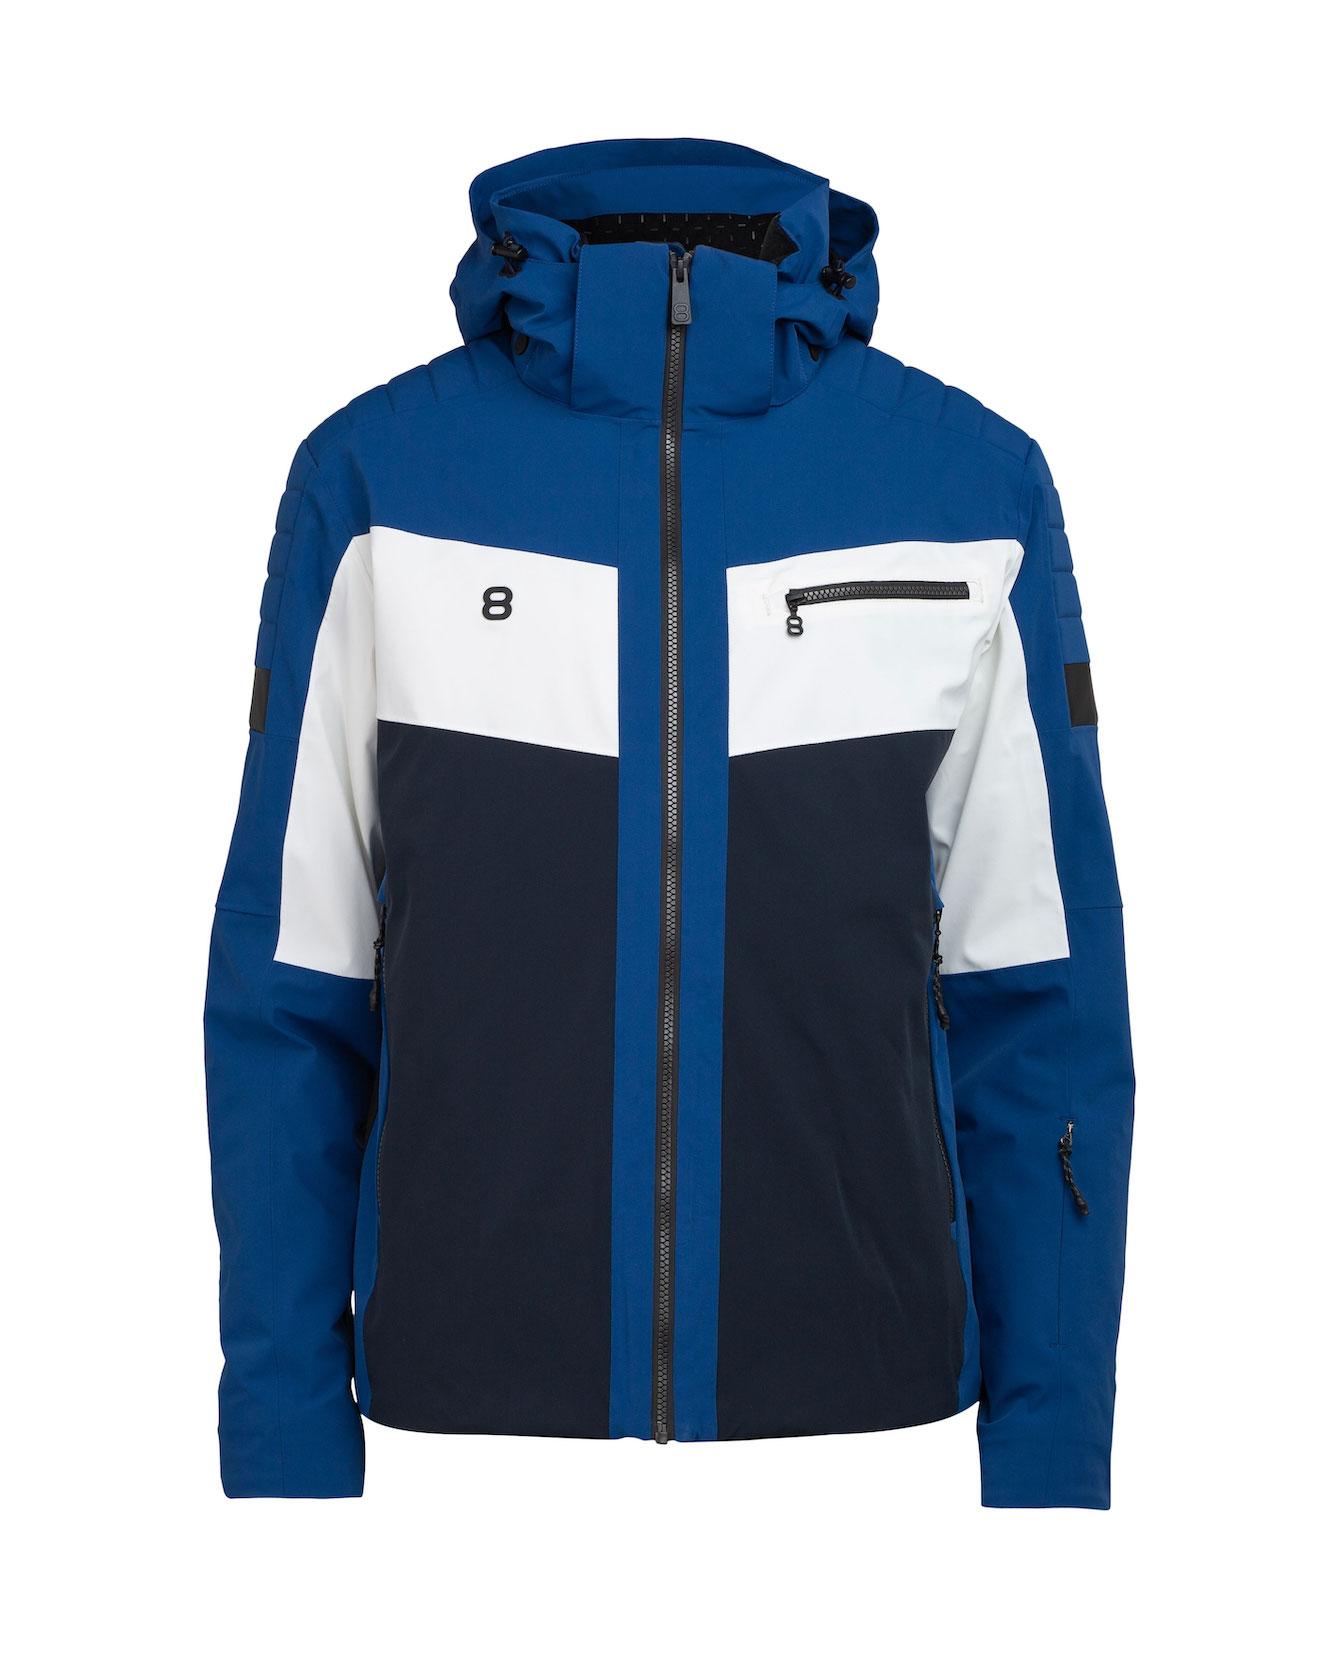 8848 Altitude Fleming Jacket 2022